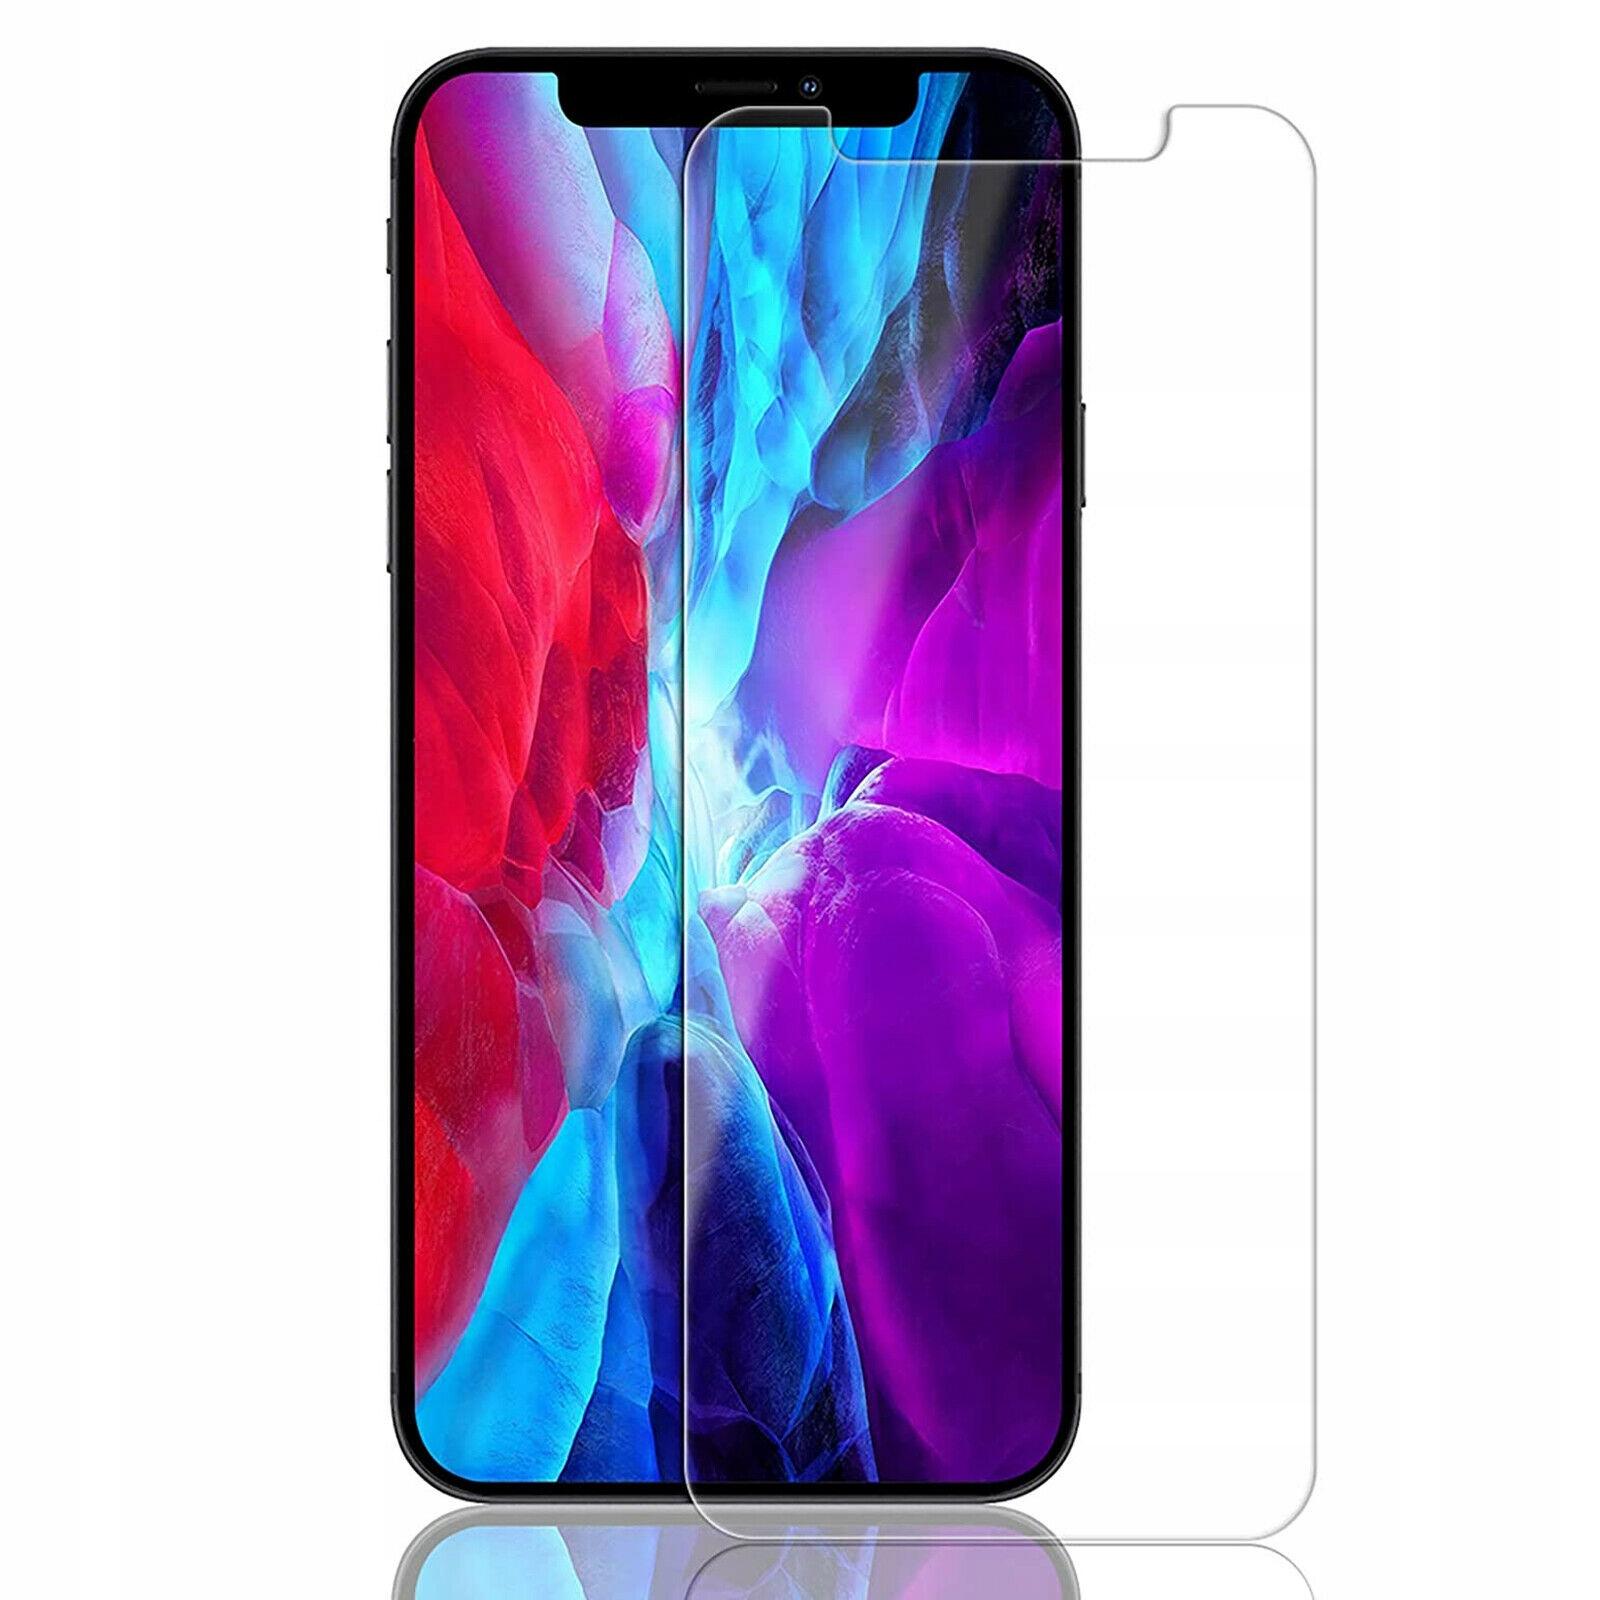 Slank CASE CLEAR + Case Glass til IPHONE 12 PRO MAX Produsent TX1